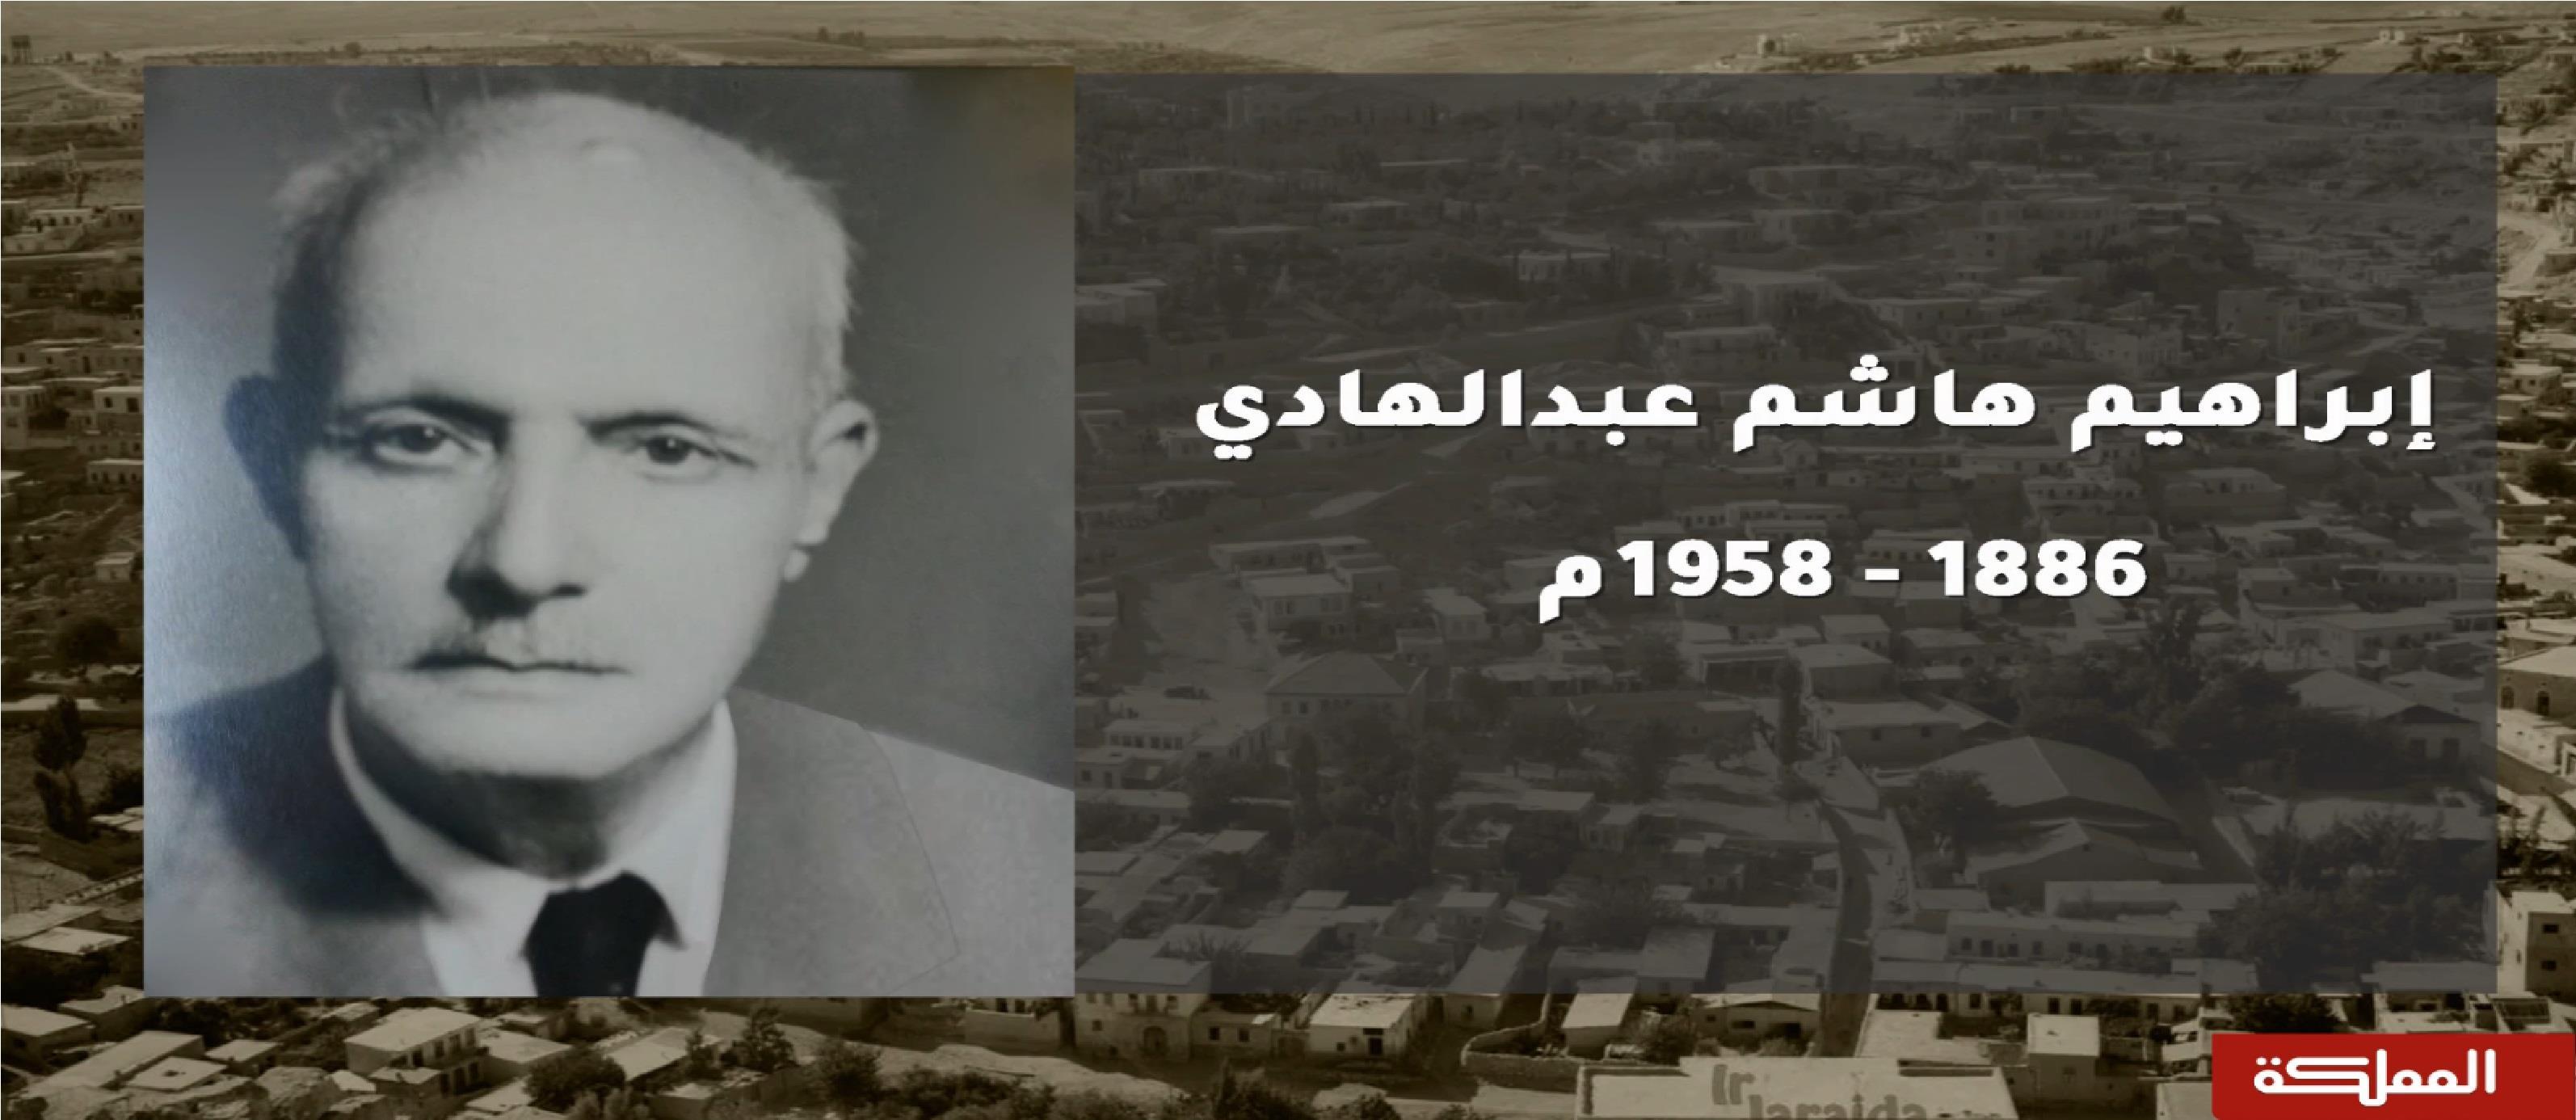 على درب المؤسسين | إبراهيم هاشم عبدالهادي